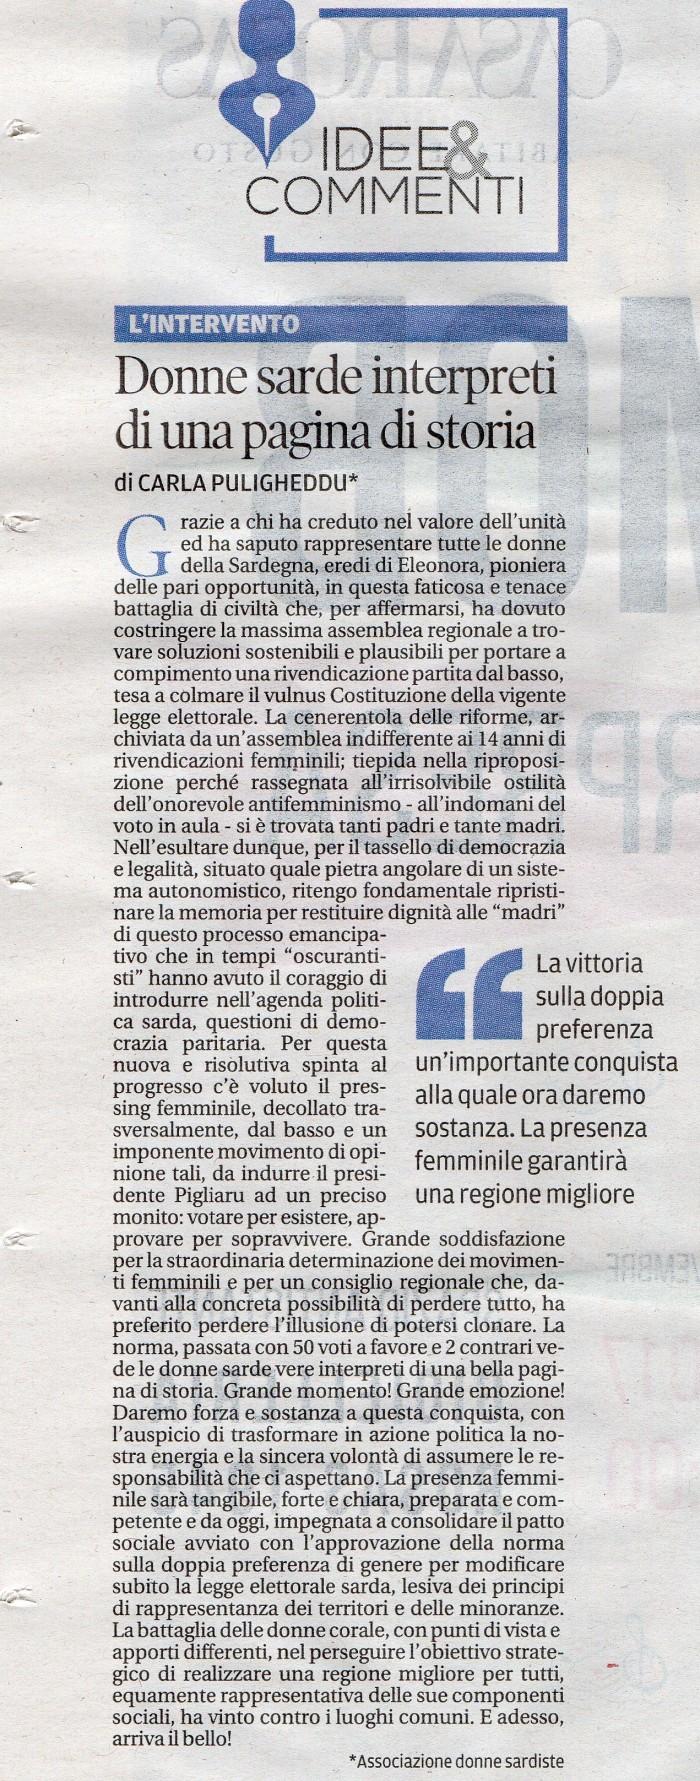 Le donne Sarde Scrivono una Pagina di Storia.jpg